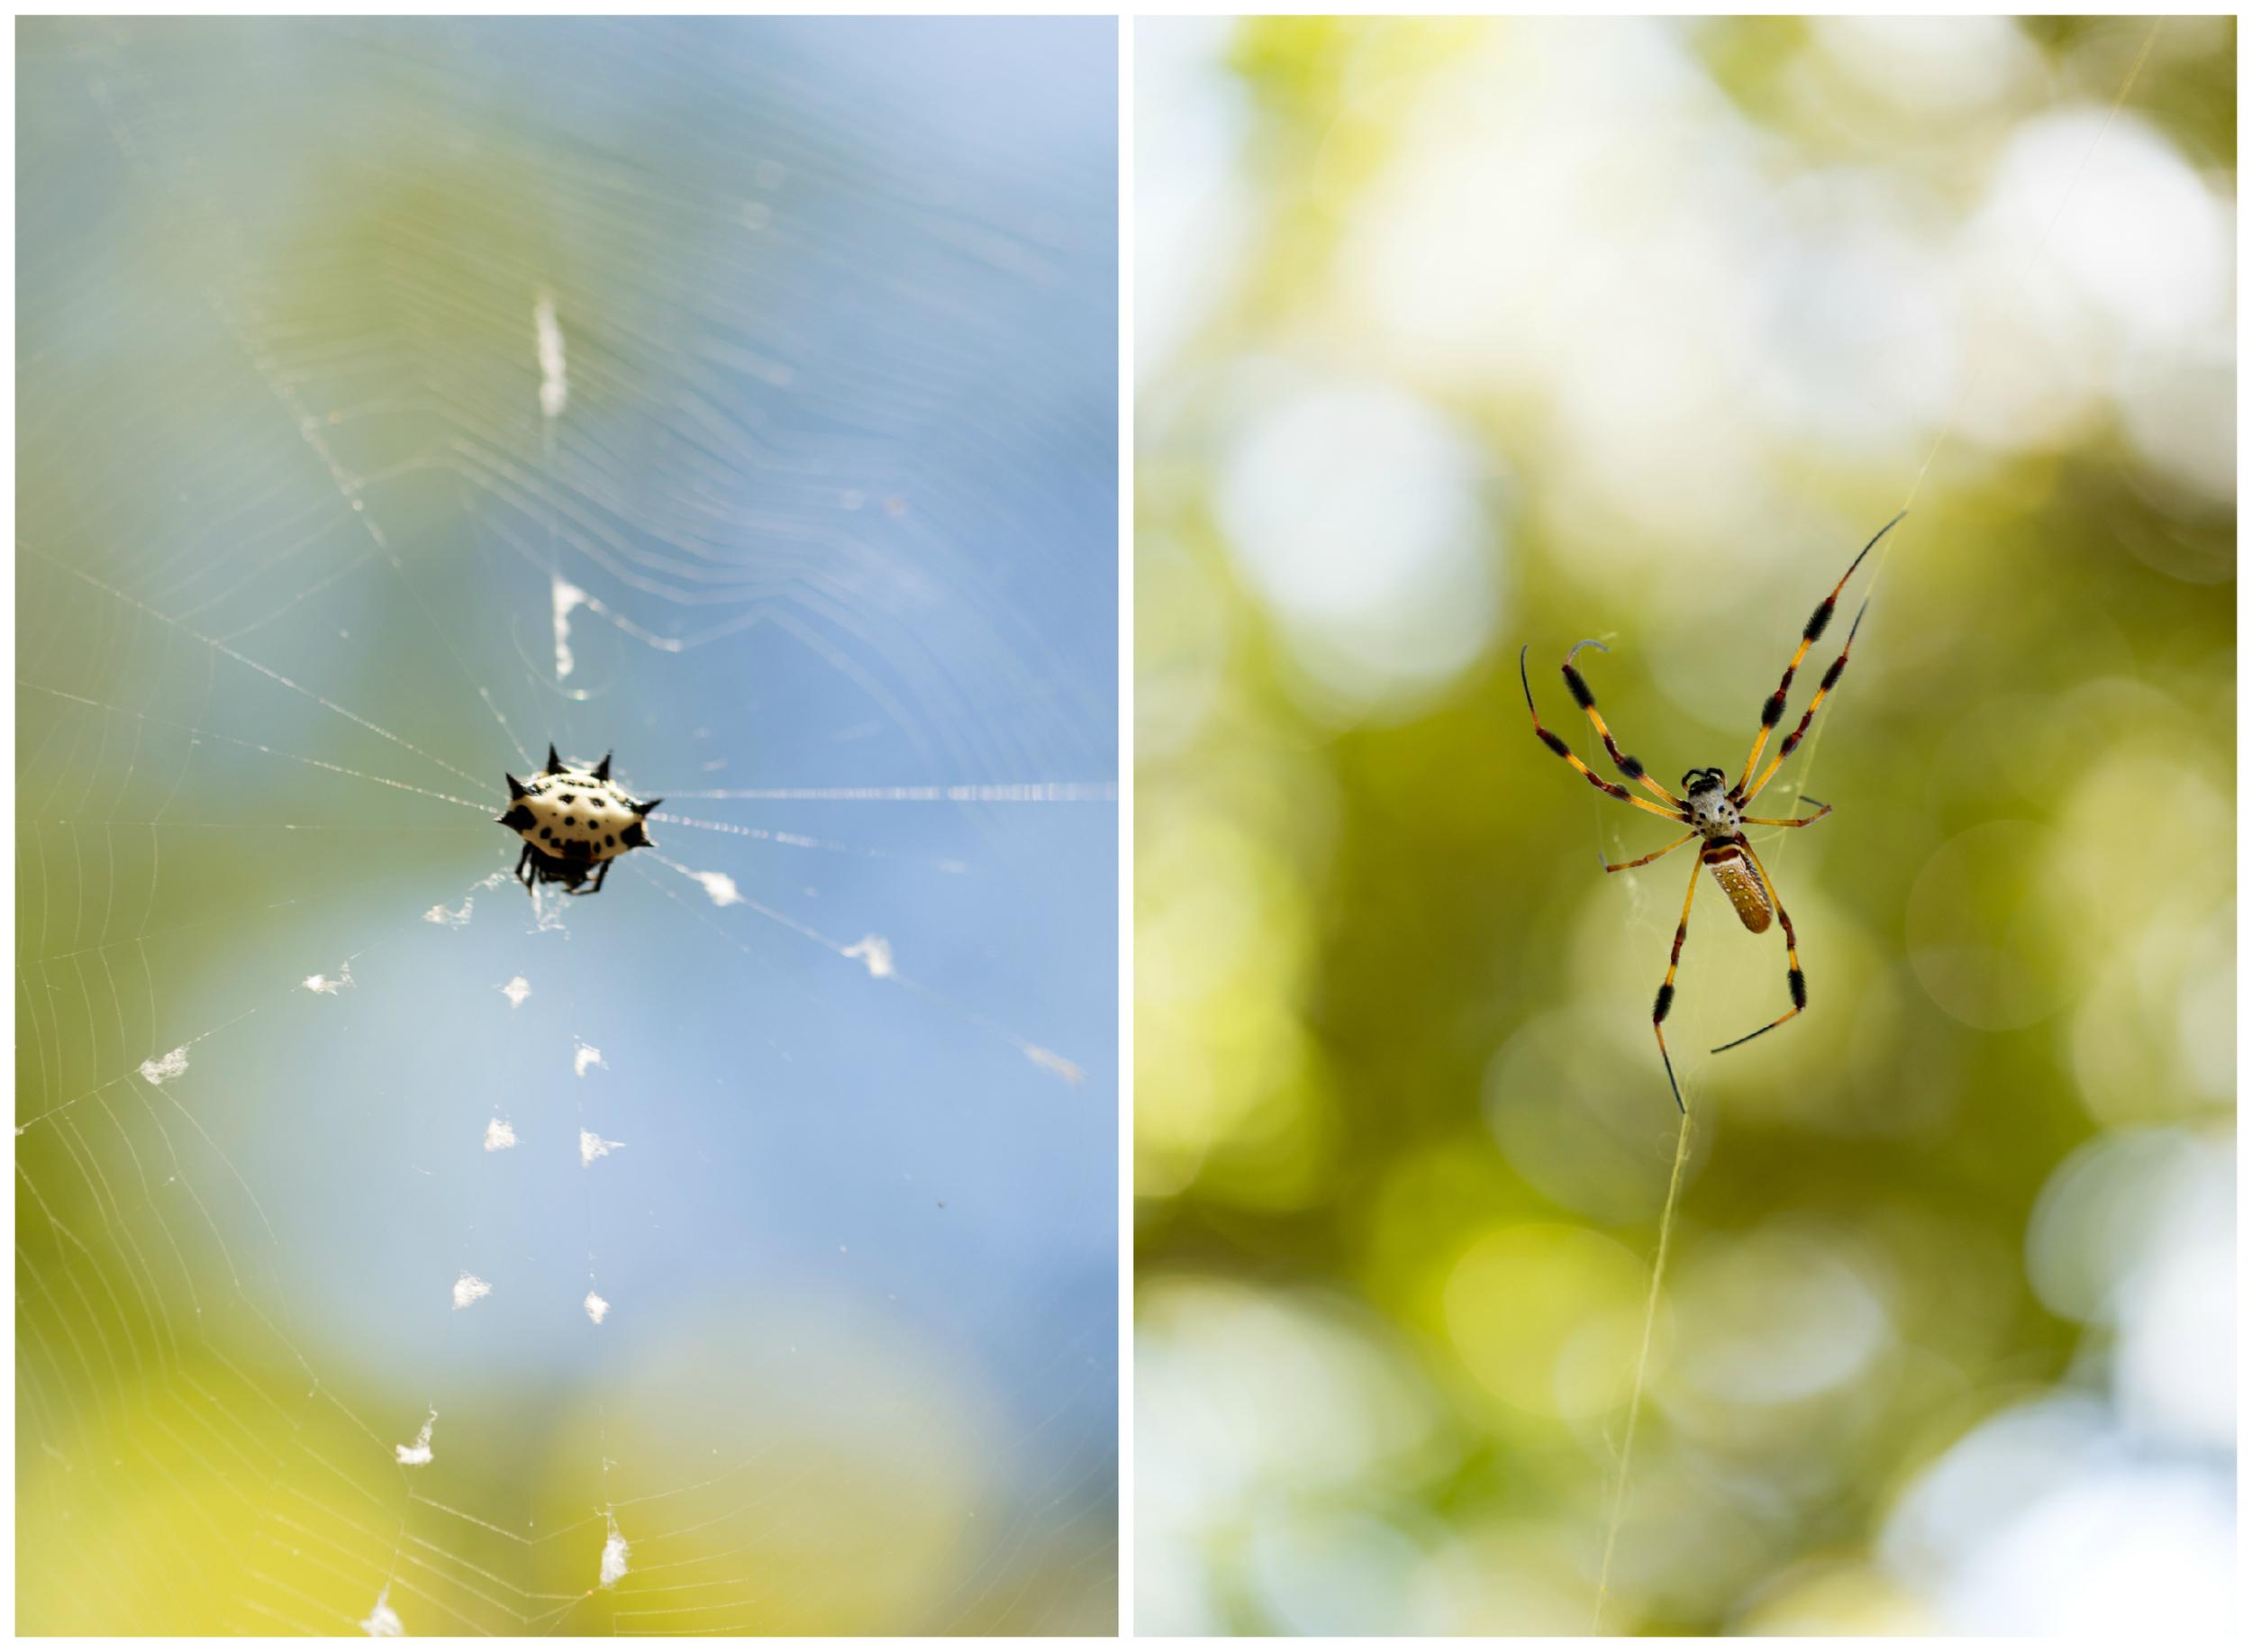 spiders in webs (macro)